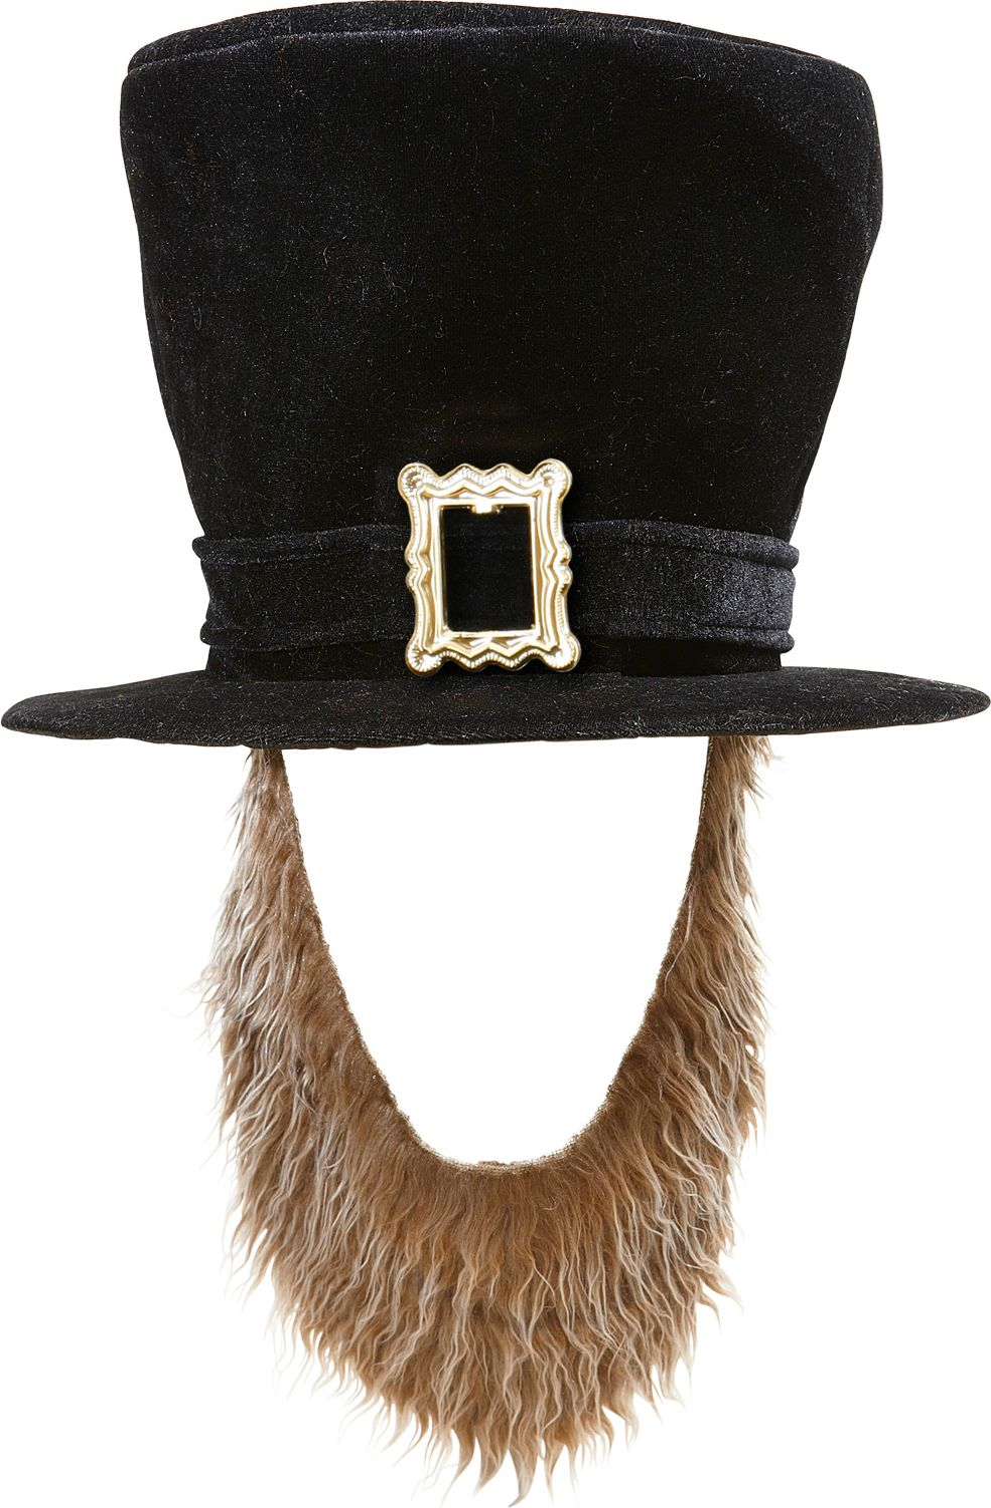 Zwarte St. Patricksday hoed met bruine baard